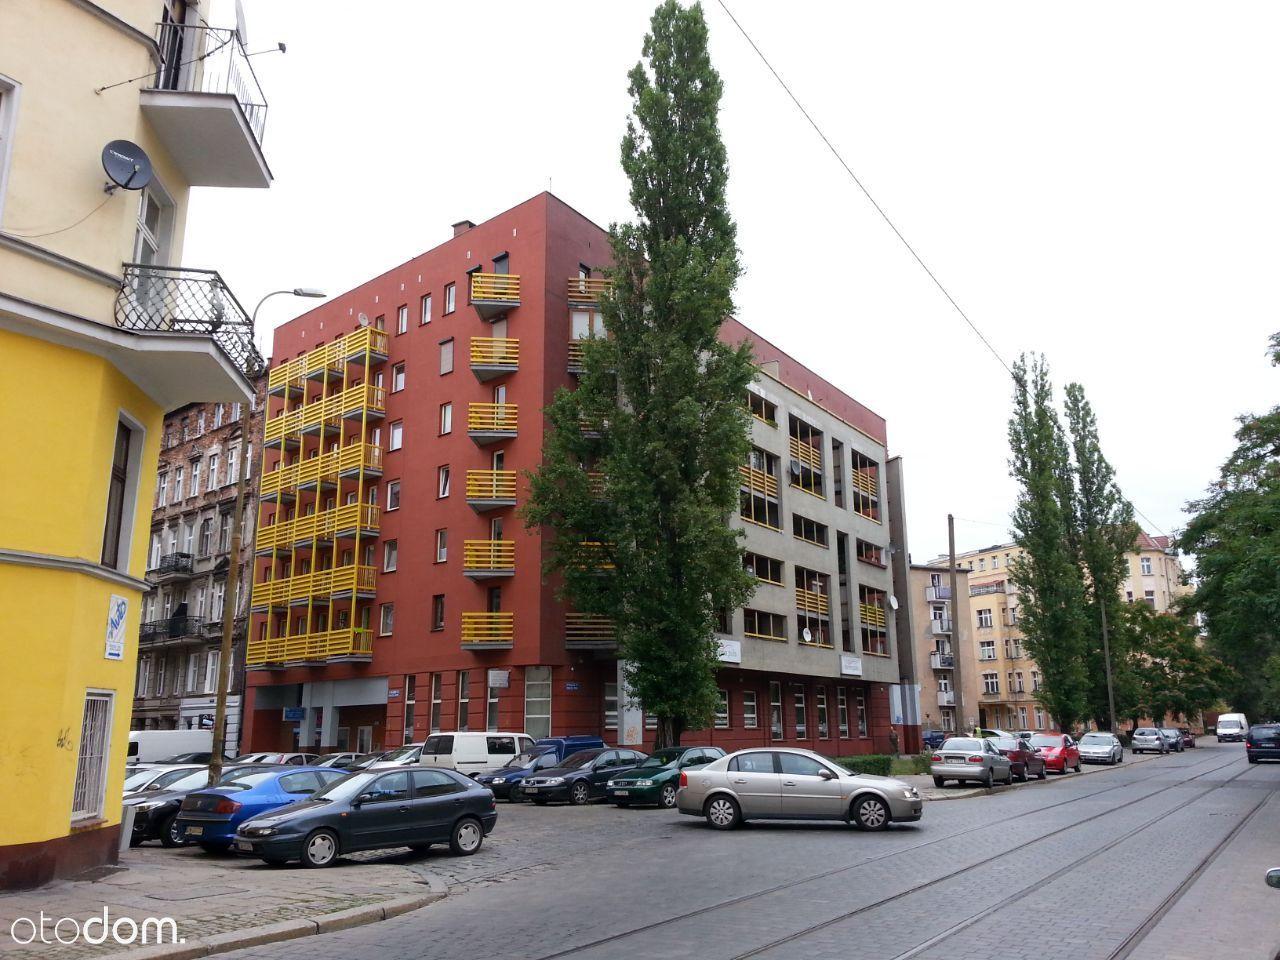 Mieszkanie 3 pok., 65m2, ul. Barycka, Wrocław